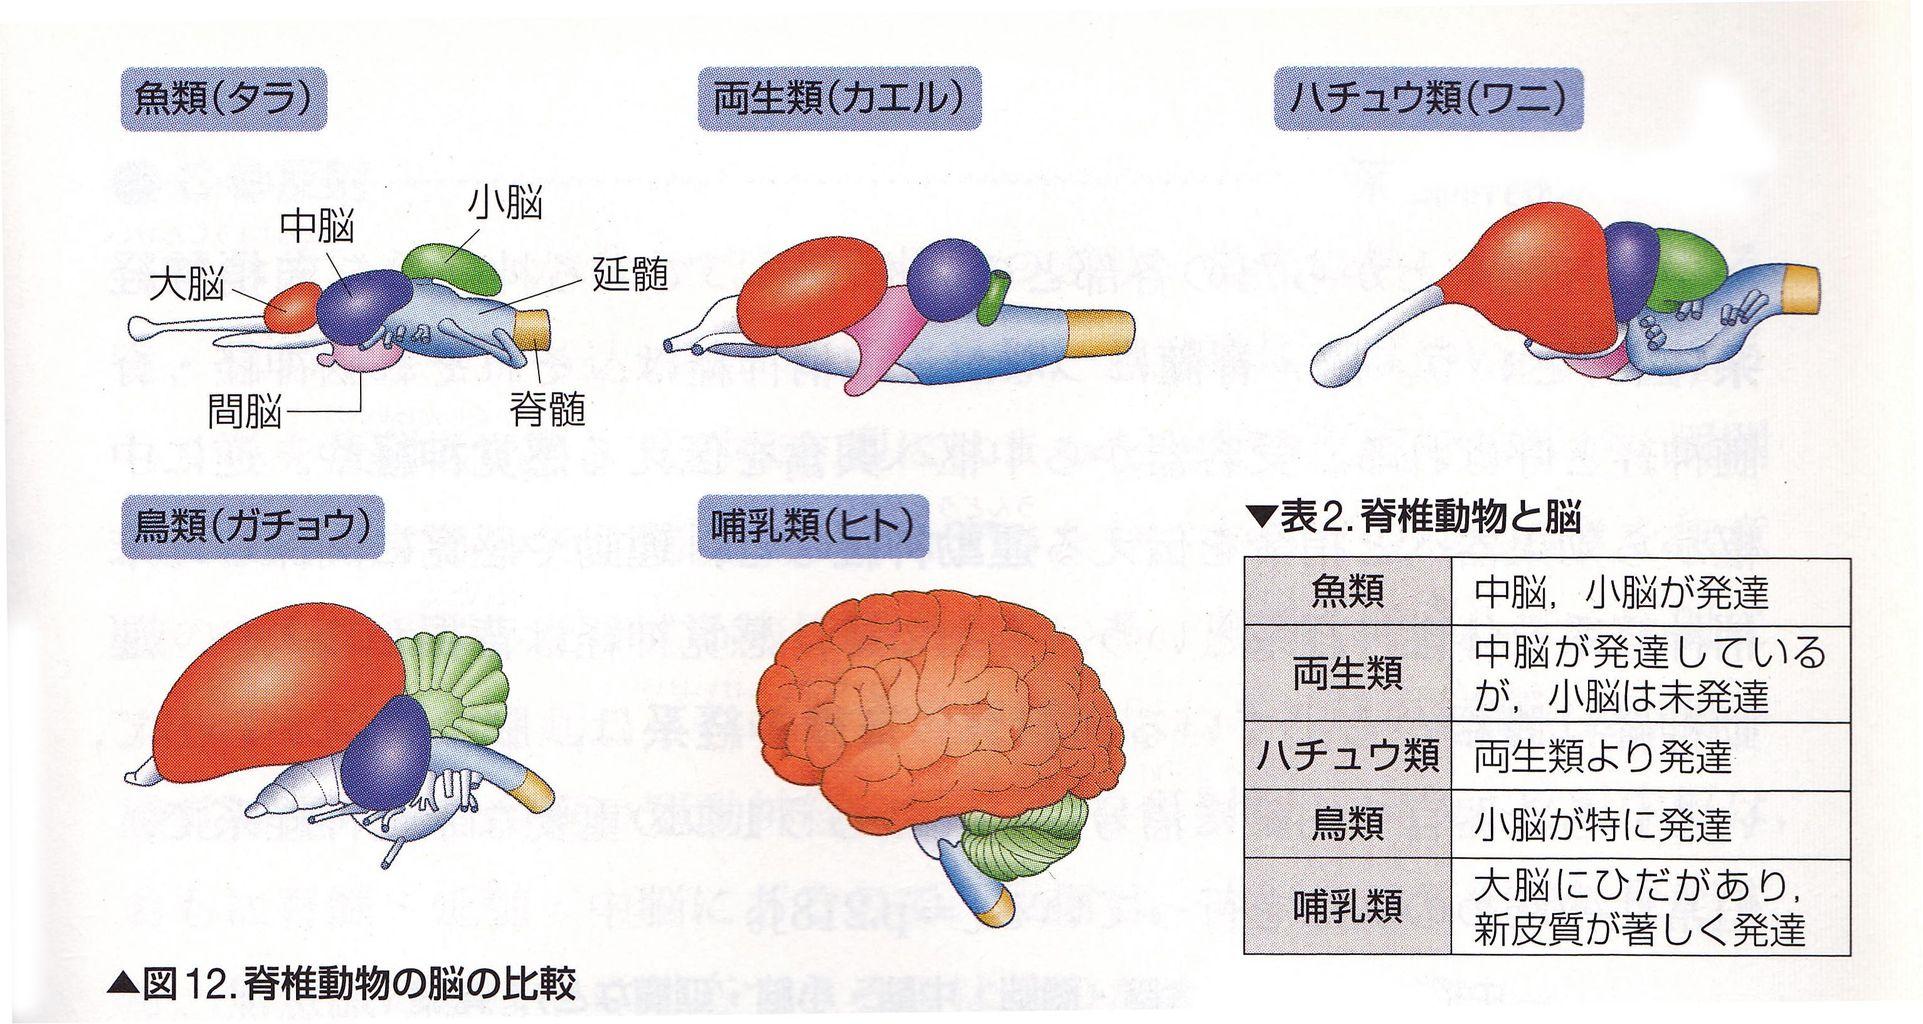 鶏の脳の解剖 : Web247